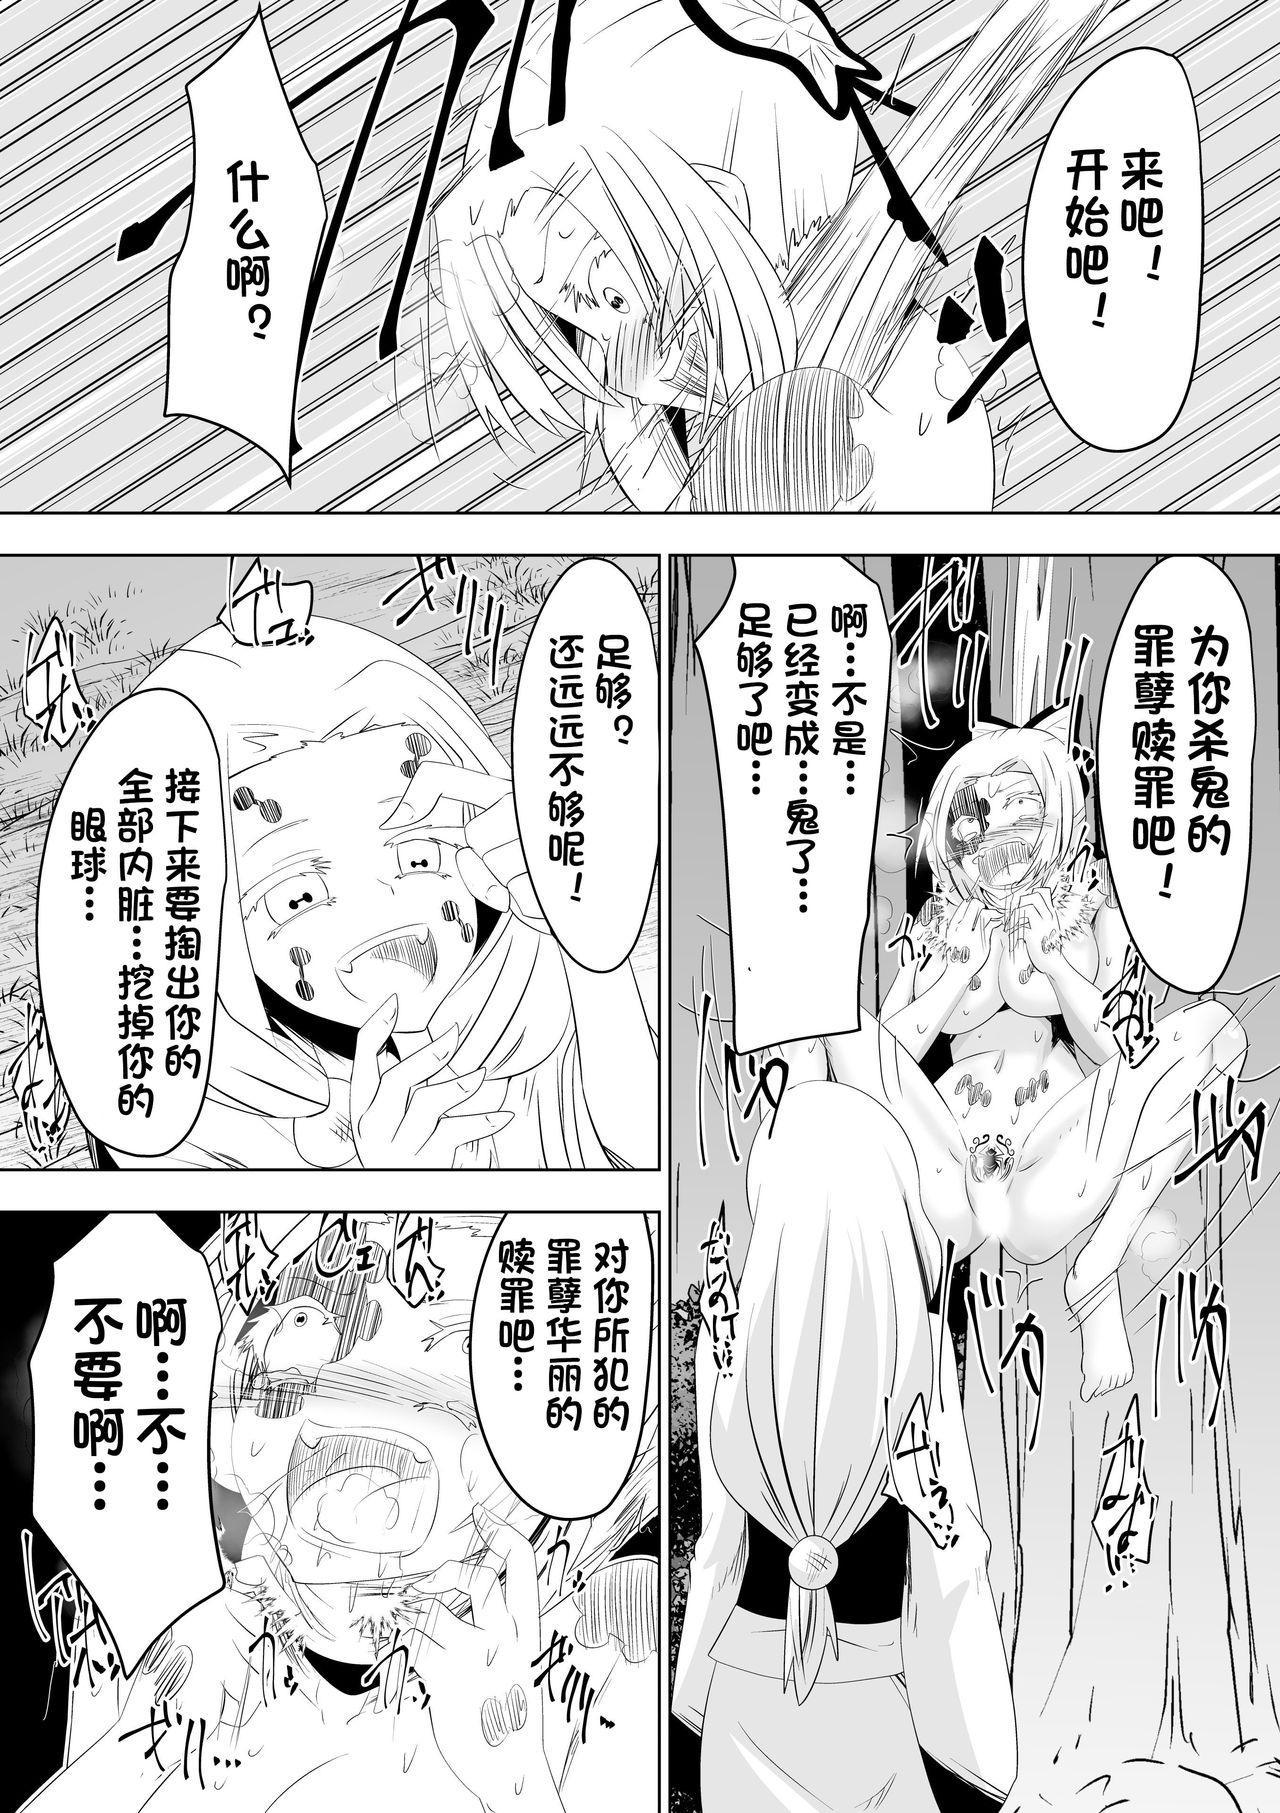 Hametsu no Shinobu 36